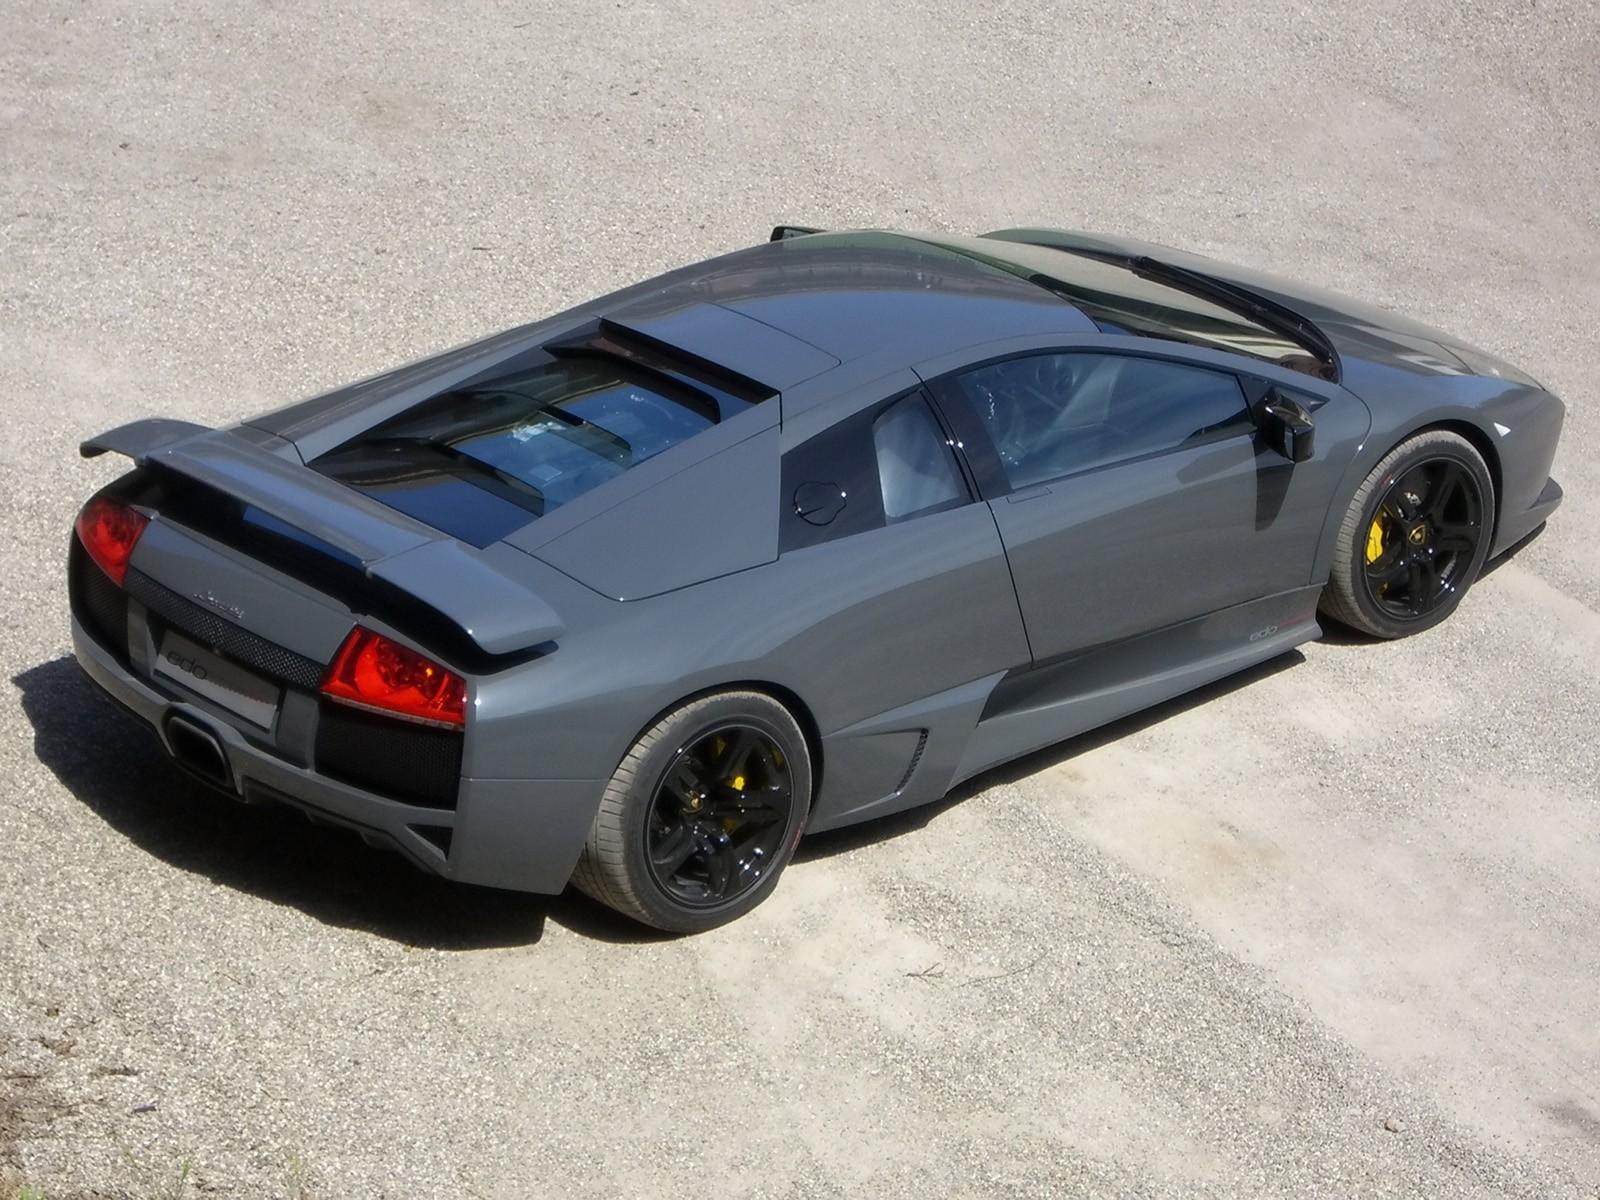 2007 Edo Competition Lamborghini Murcielago lp640